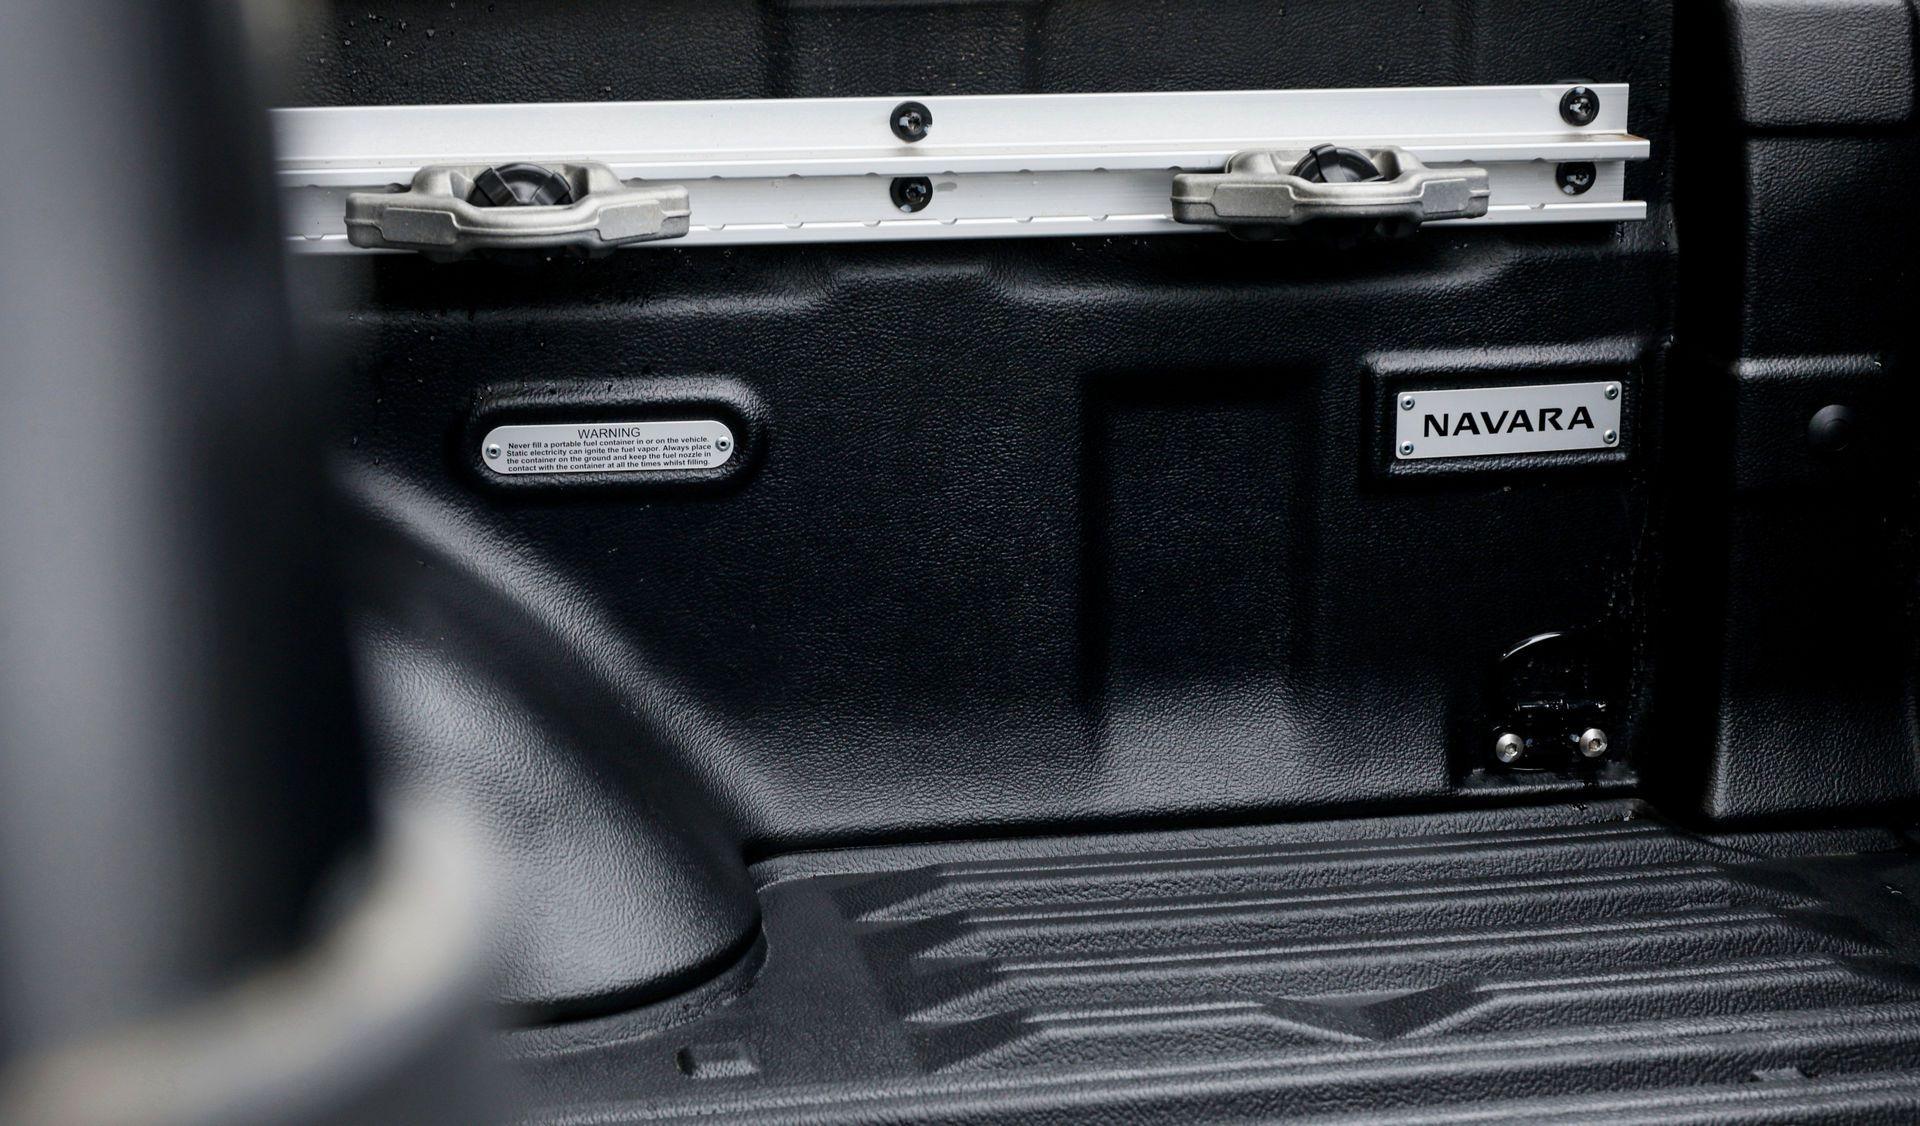 Nissan-Navara-2021-25-2